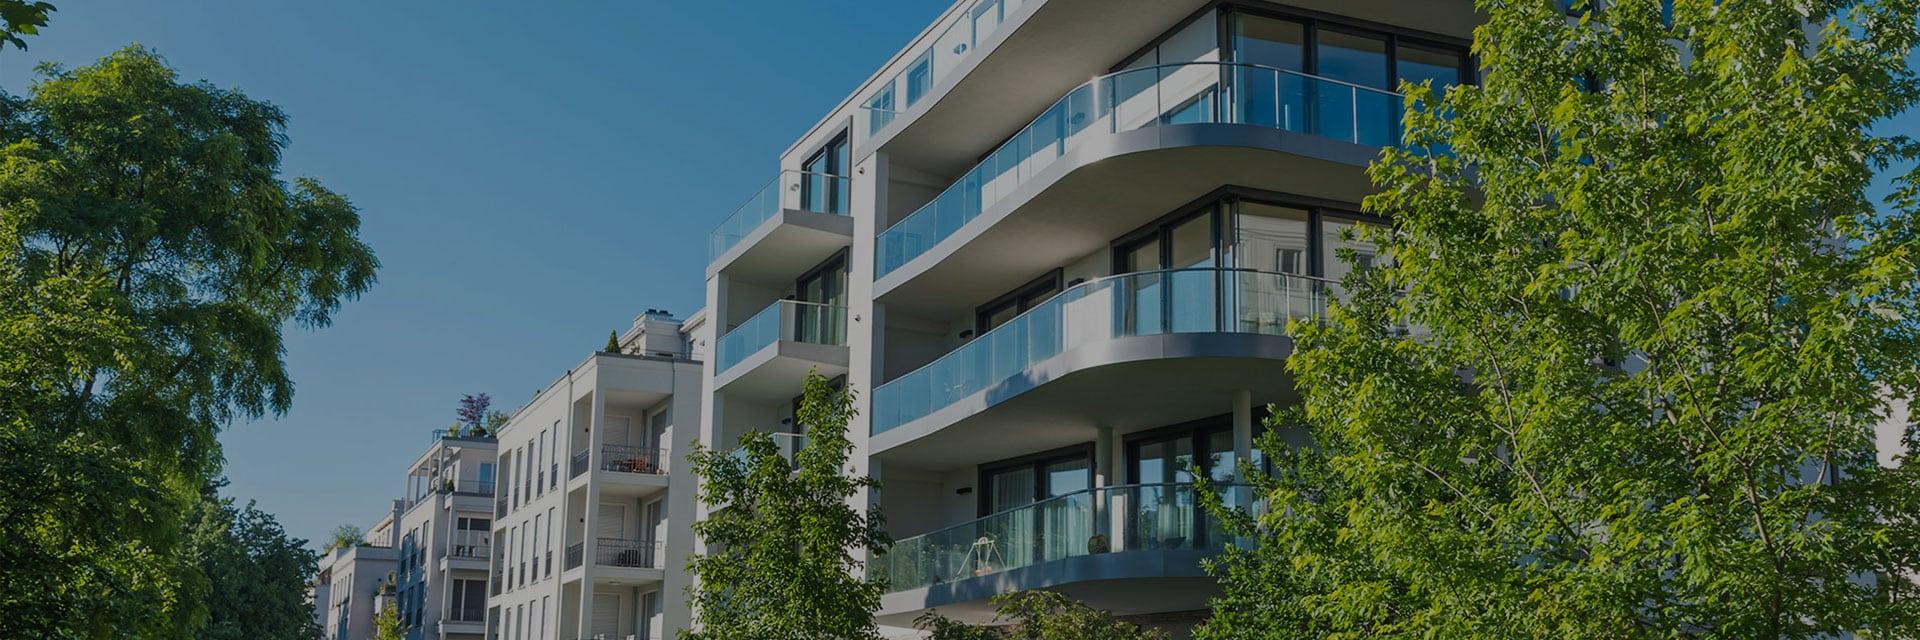 edilgetica-efficienza-energetica-condominio